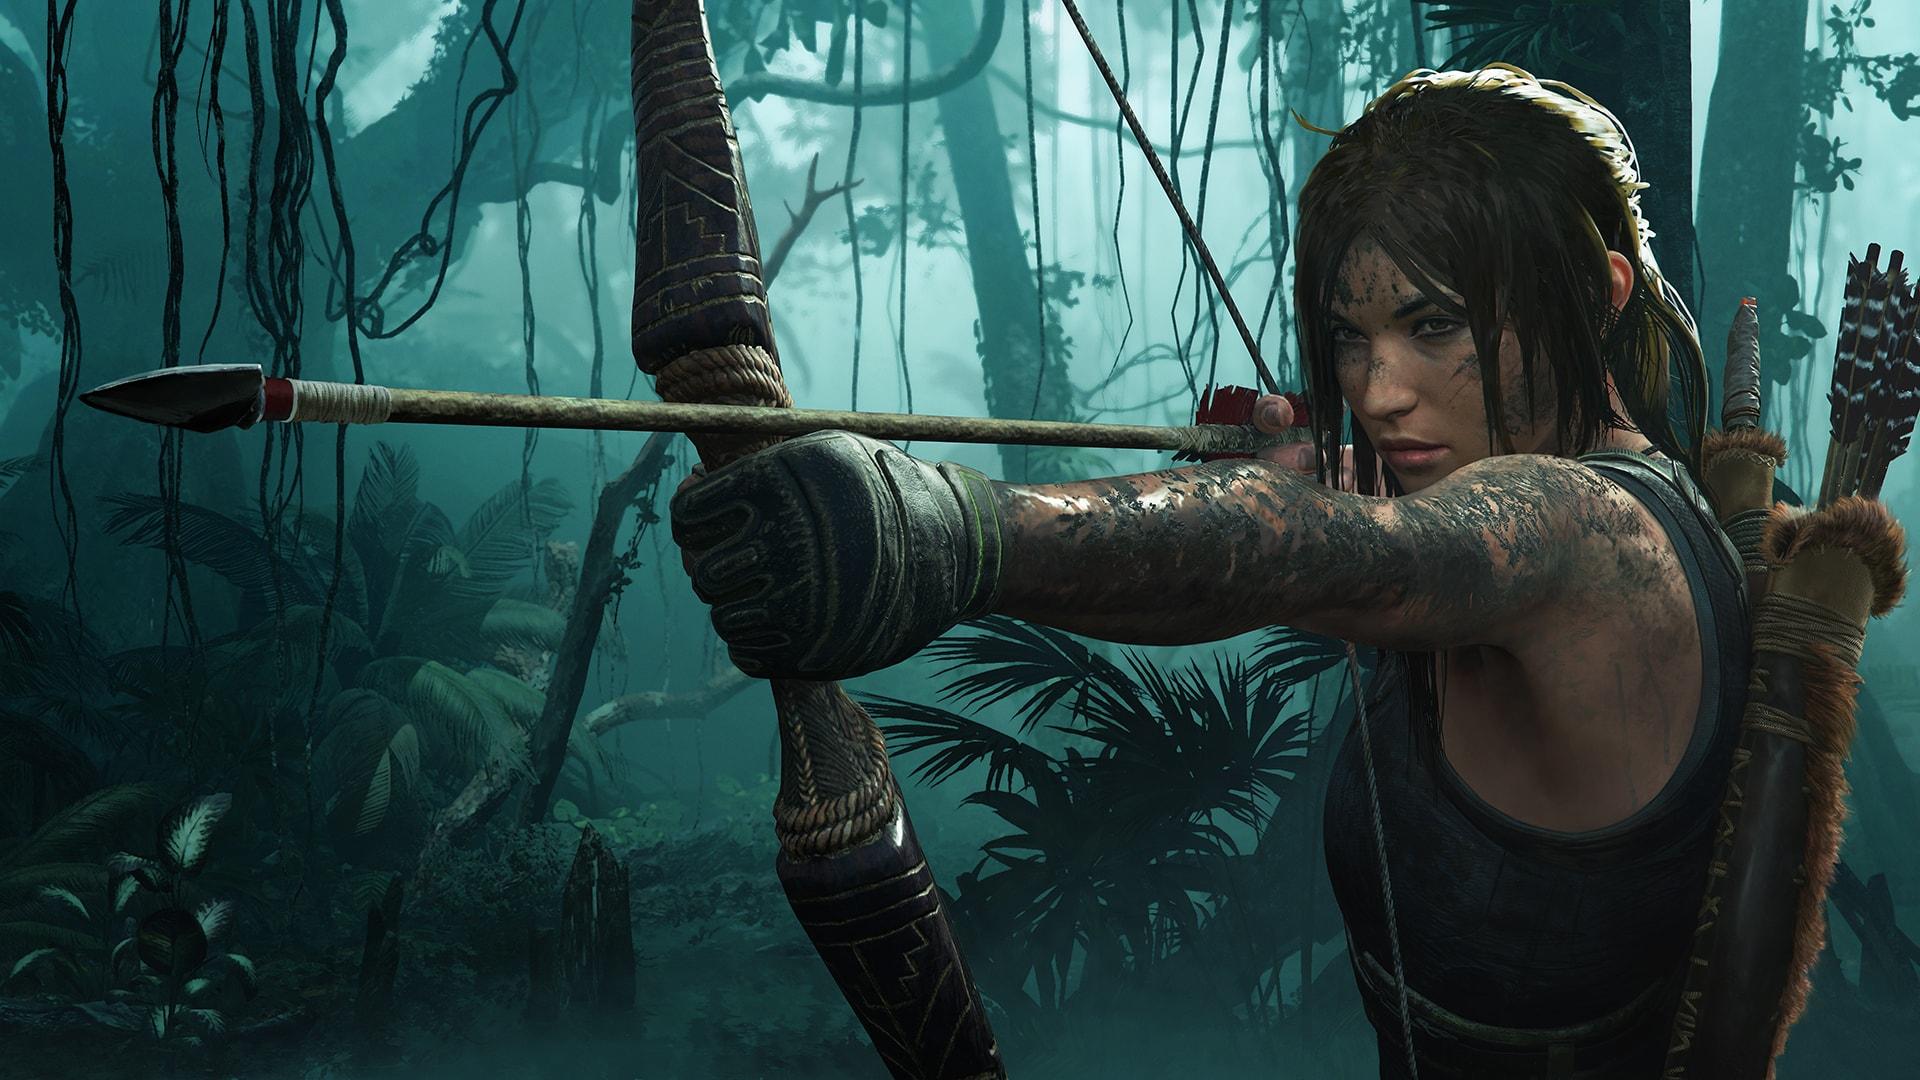 Una actriz del MCU será la voz de Lara Croft en el anime de Tomb Raider en Netflix